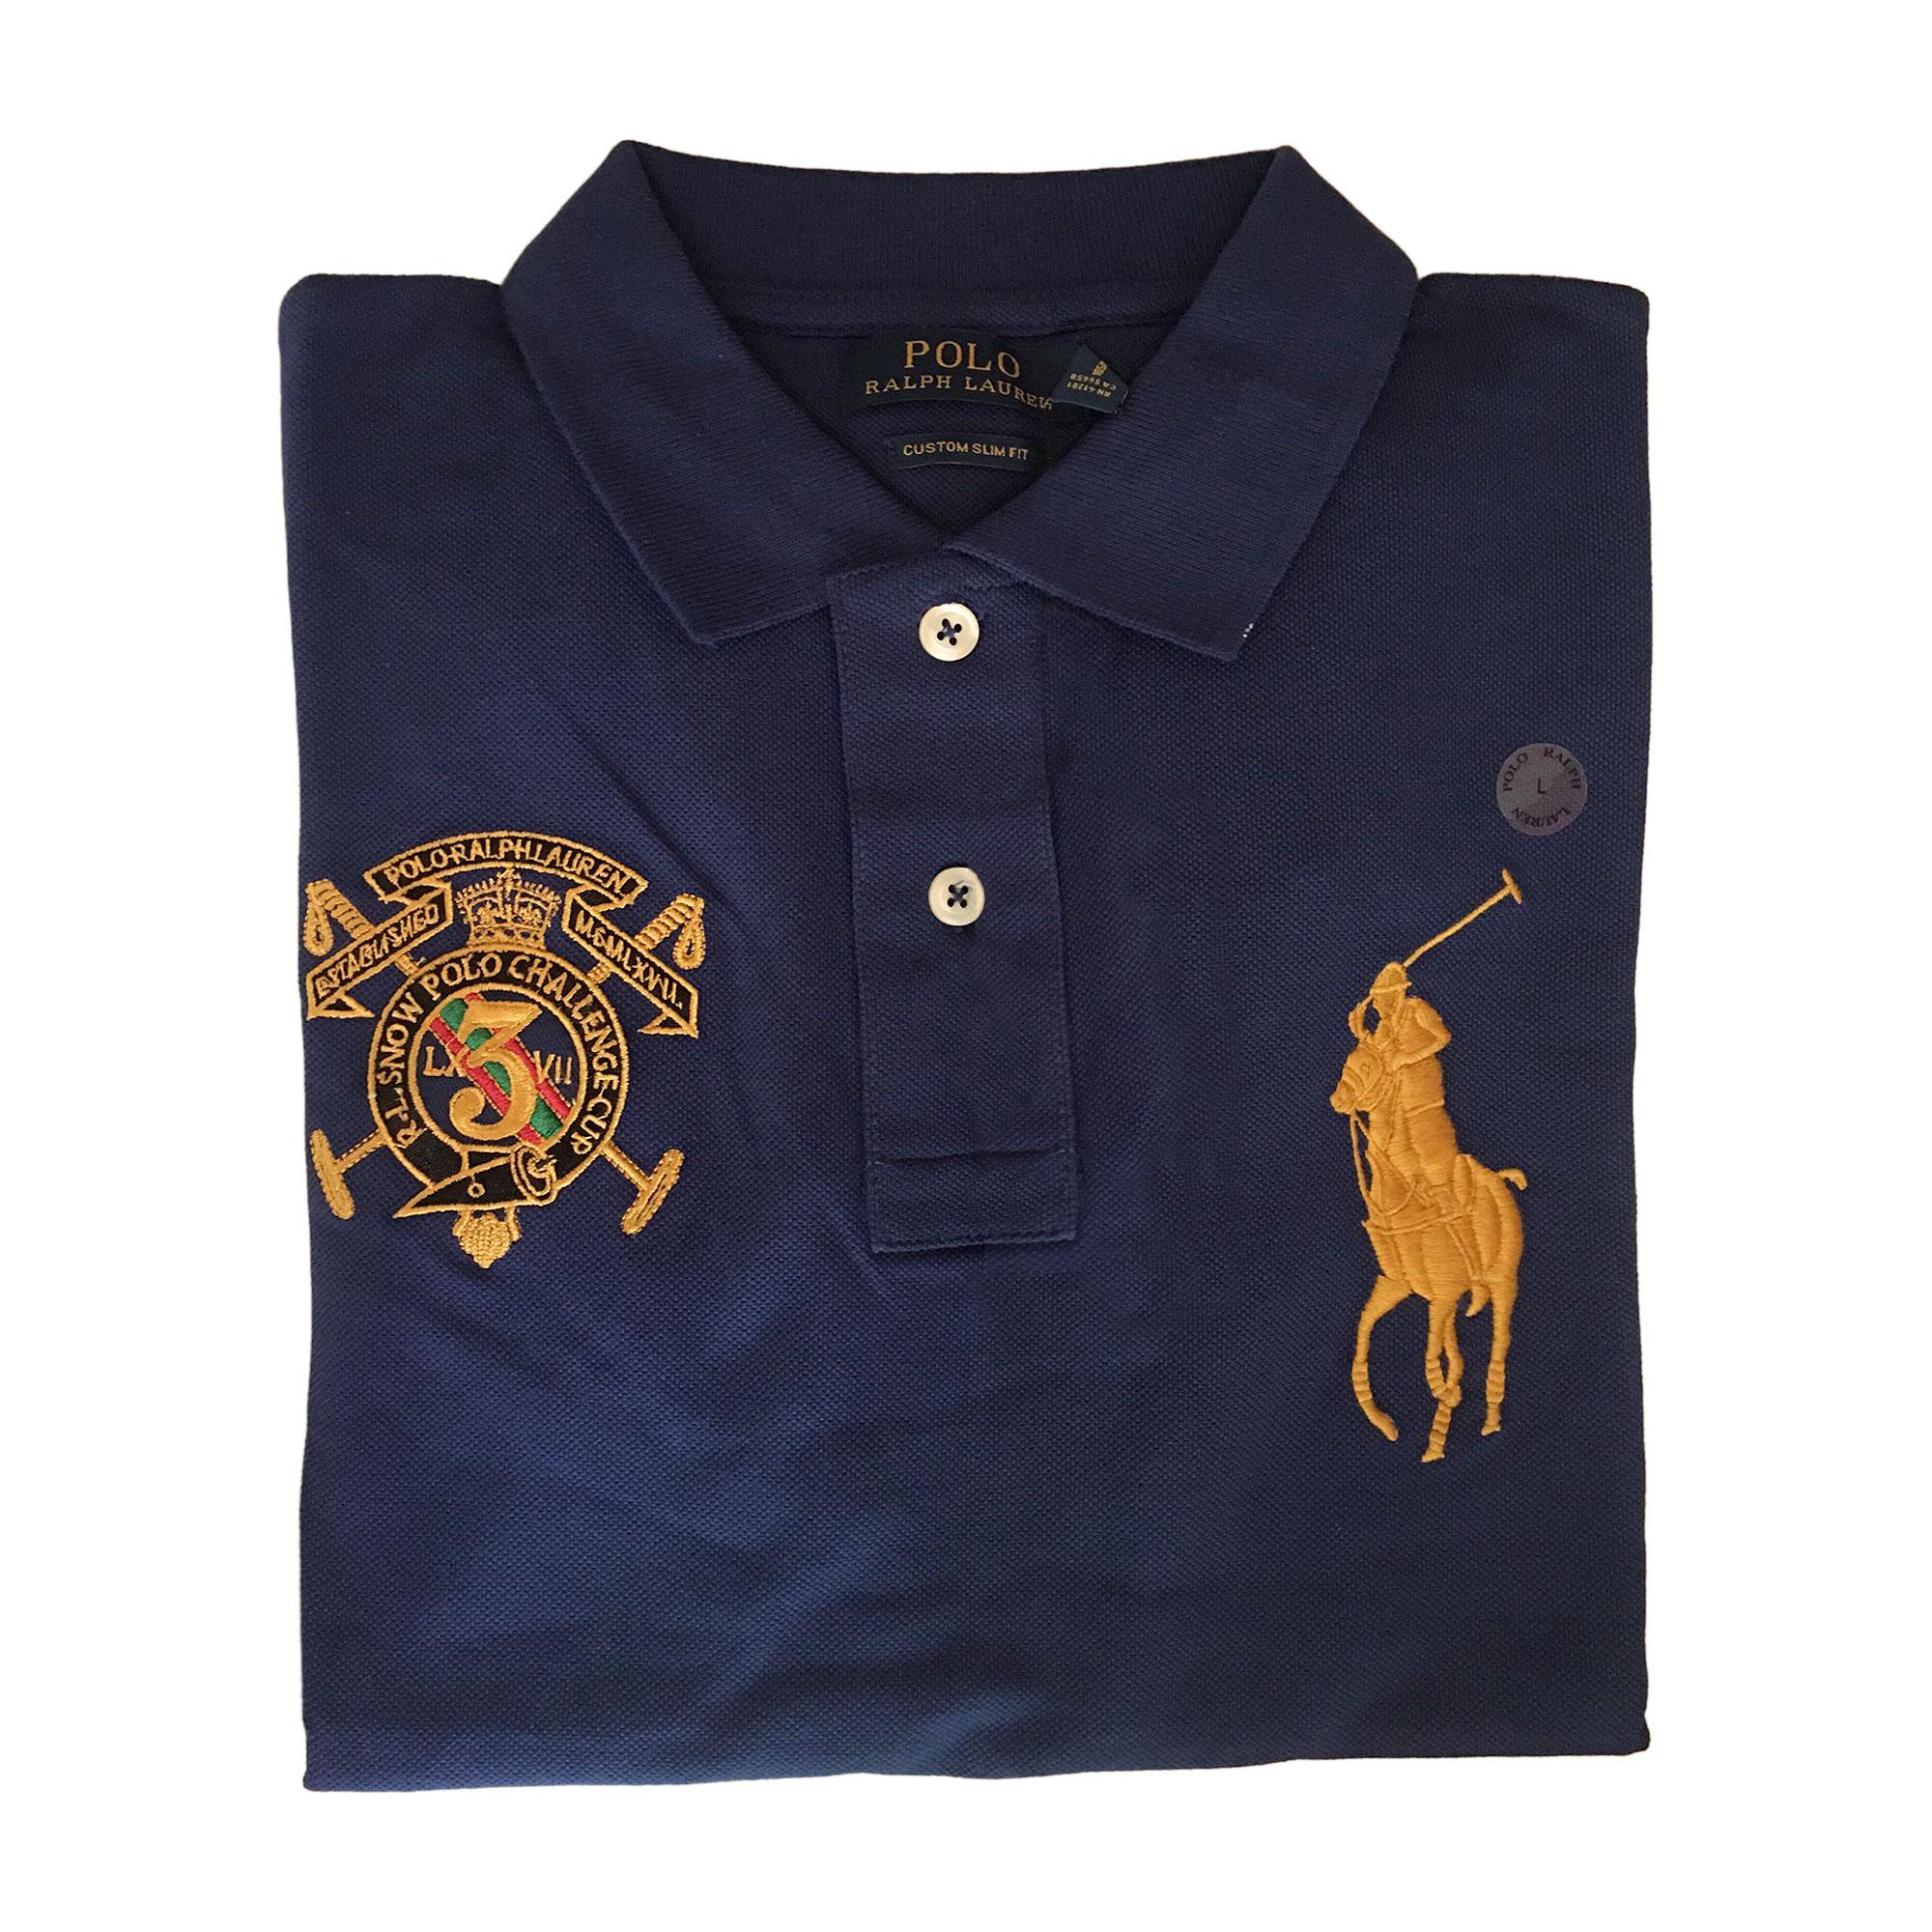 f1146dff9cb7 Polo RALPH LAUREN 3 (L) bleu vendu par Amélie 2563 - 7939697